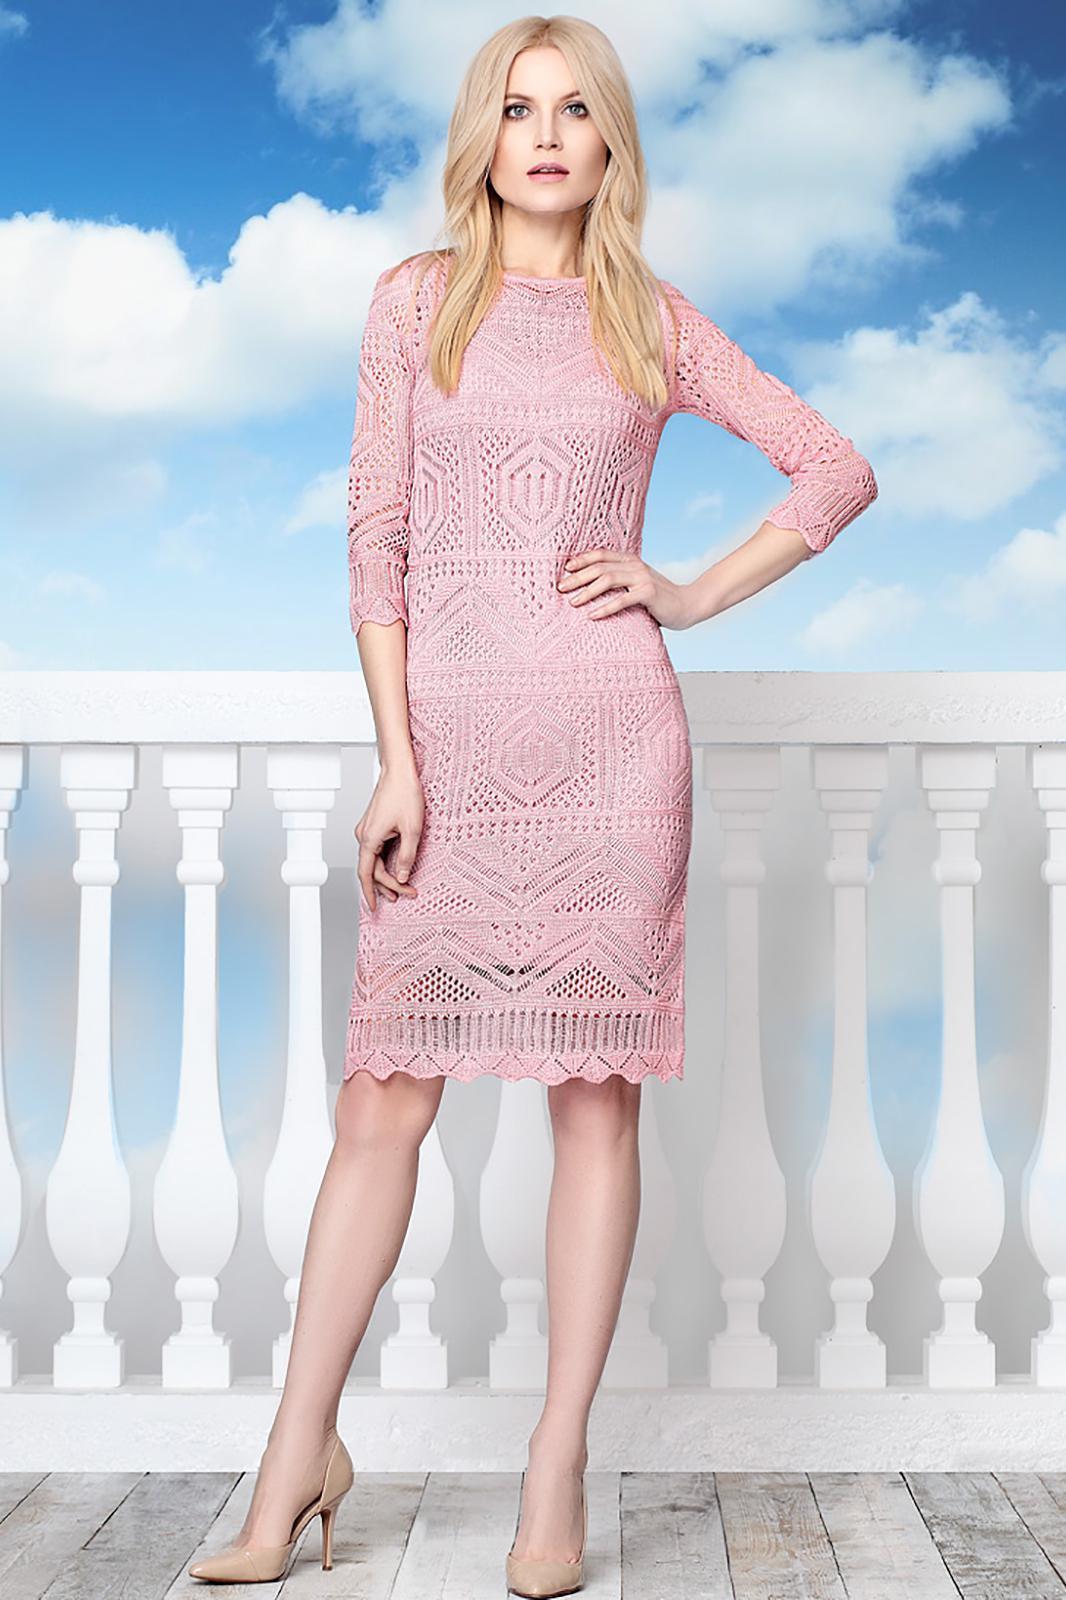 House Интернет Магазин Женской Одежды